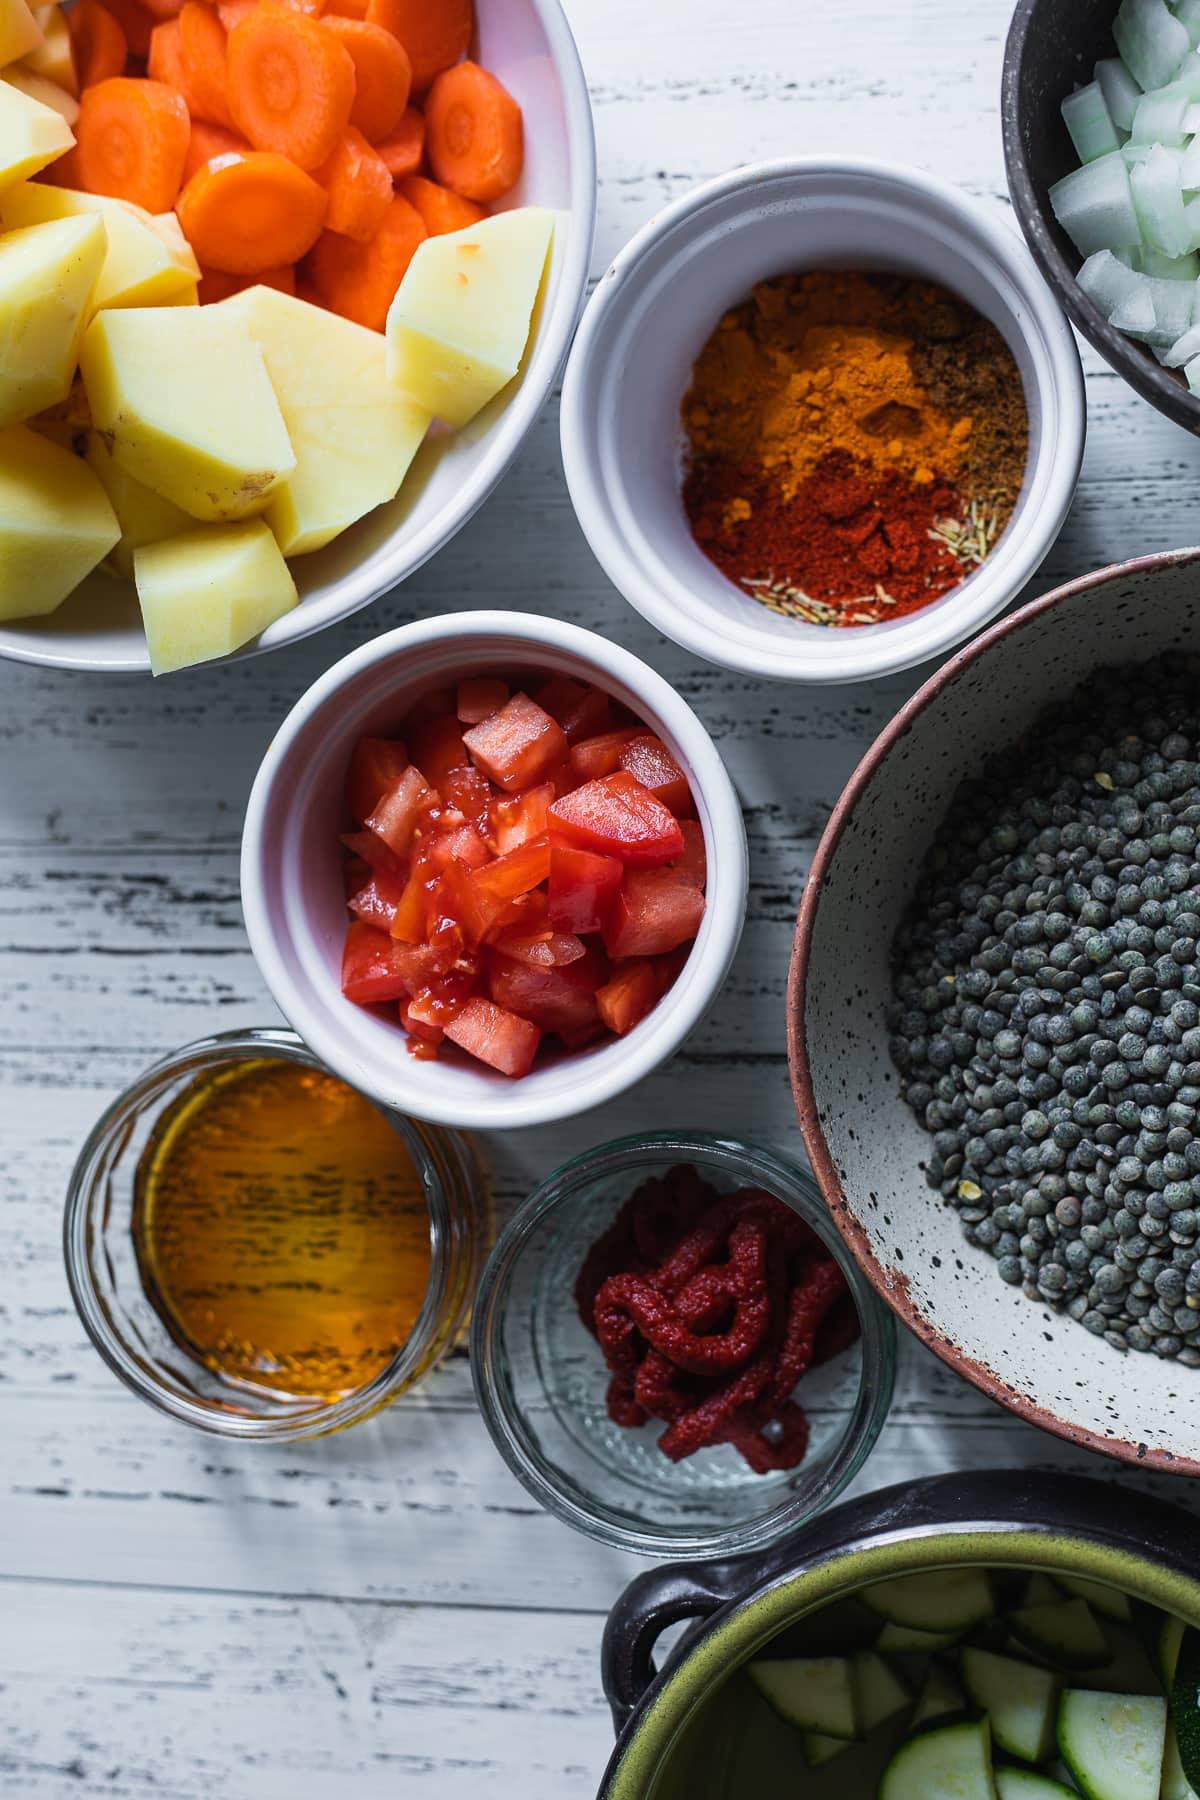 Ingredients for vegan lentil soup